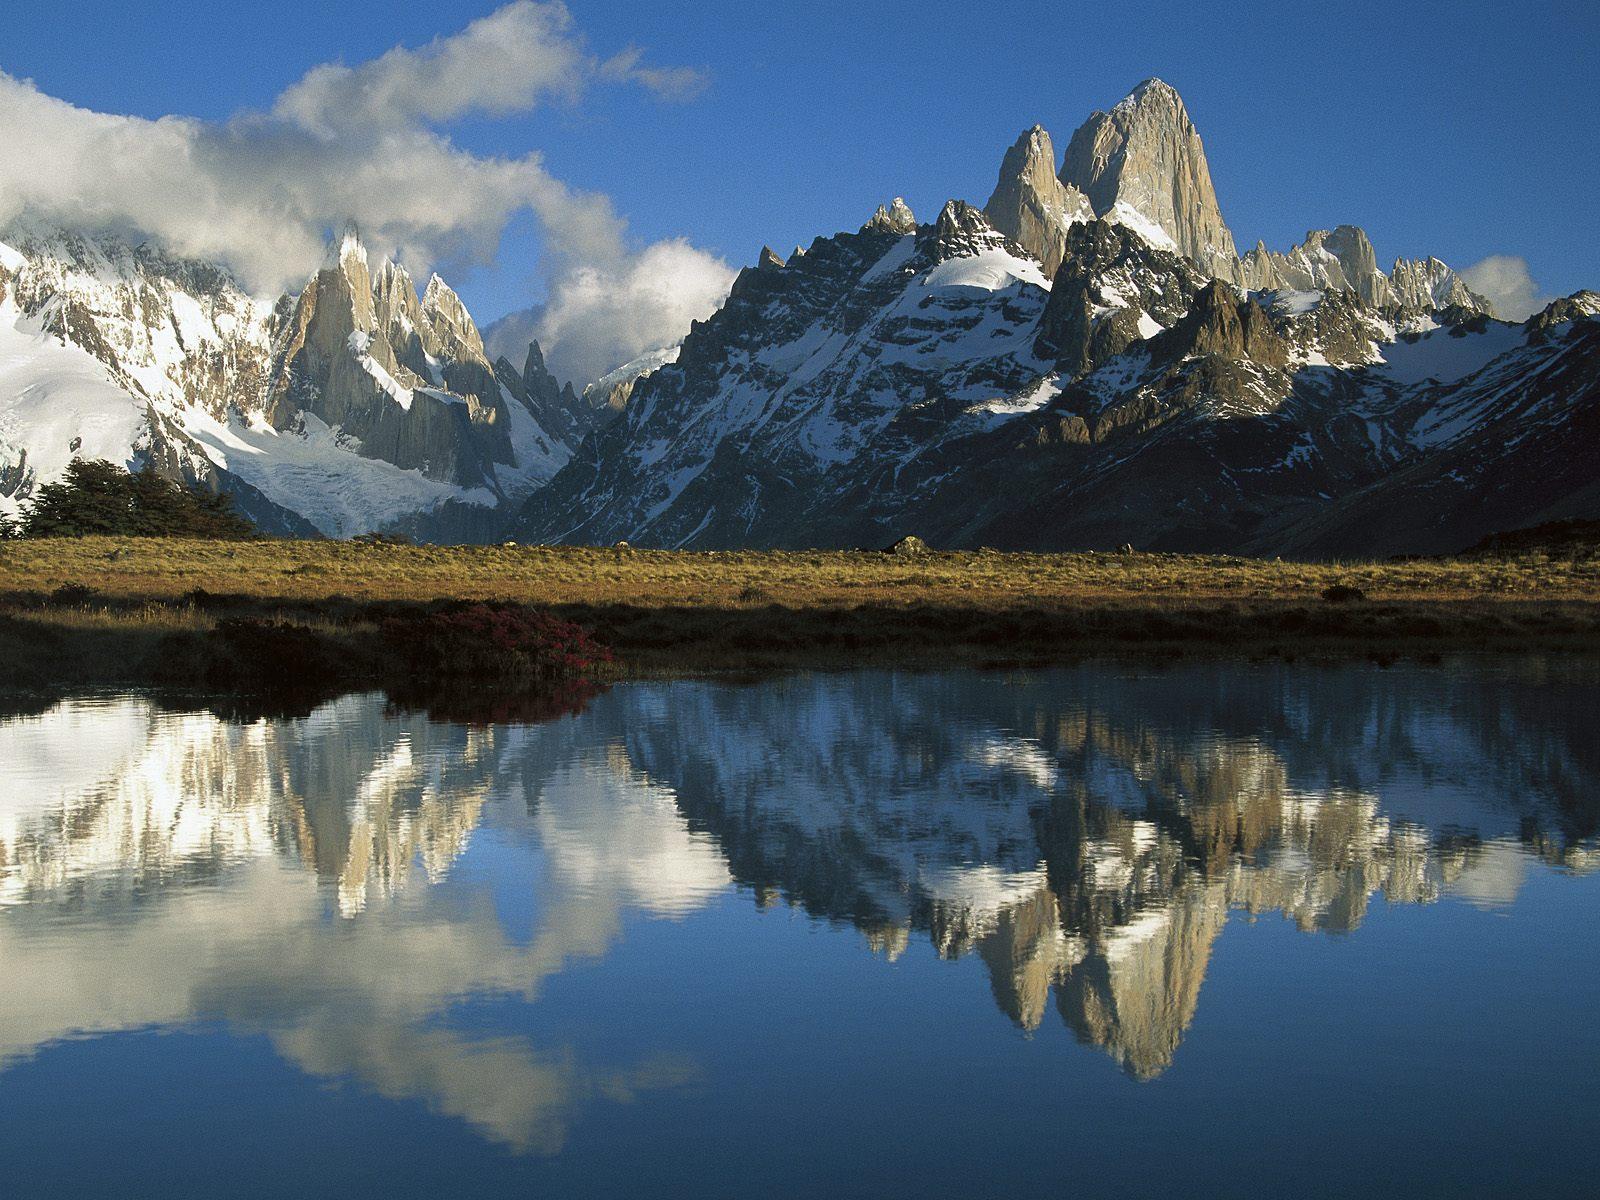 ロス・ グラシアレス国立公園(アルゼンチン) 壁紙 - Los Glaciares National Park, Patagonia, Argentina WALLPAPER